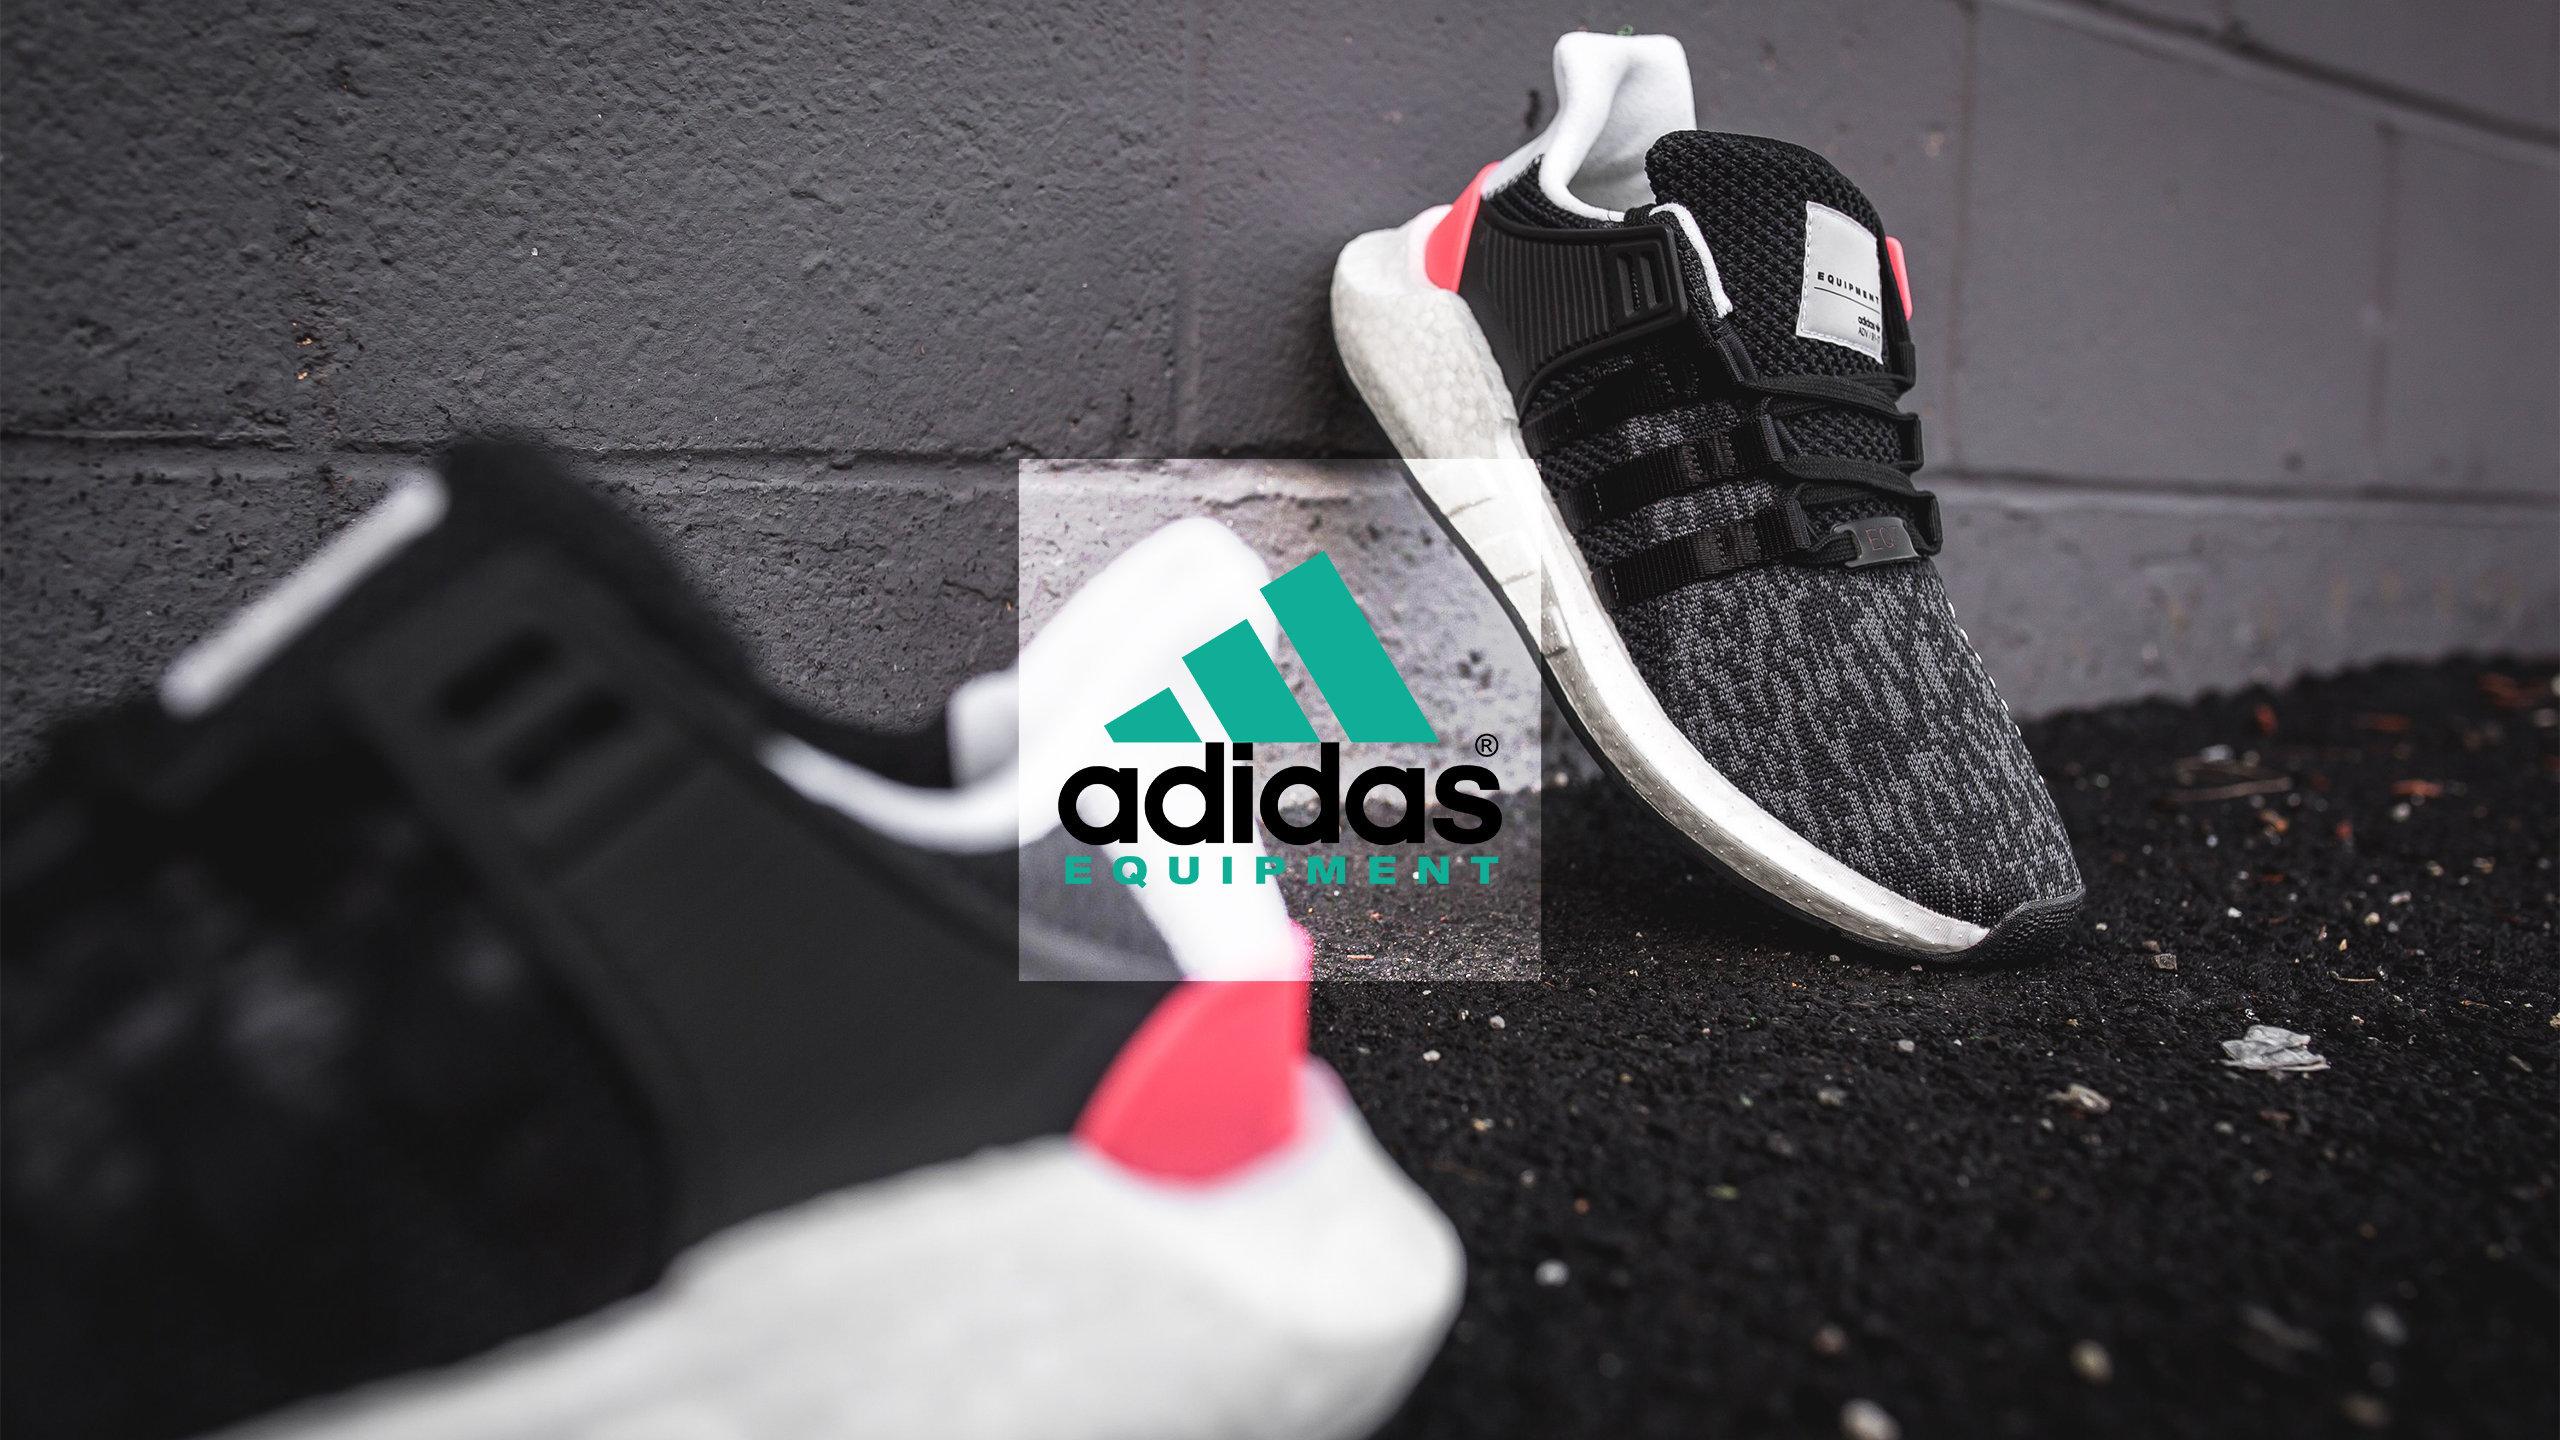 8a9082971831 Adidas EQT Shoes Wallpaper - CopEmLegit